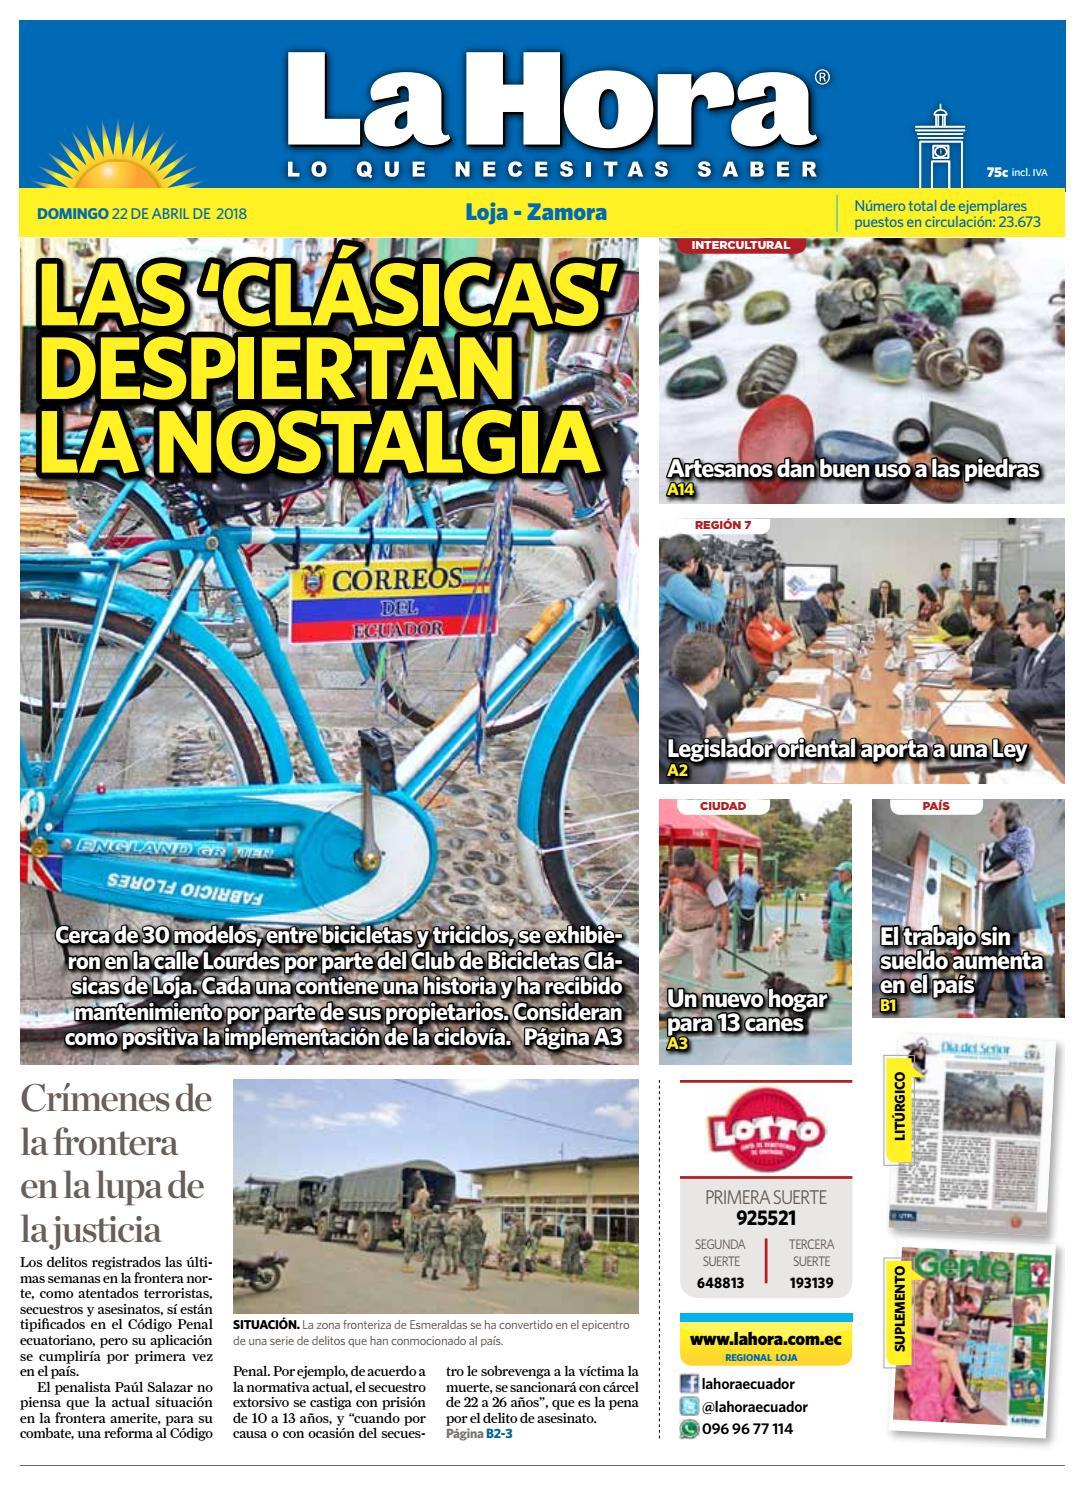 Diario La Hora Loja 22 de Abril 2018 by Diario La Hora Ecuador - issuu 5155a3ba69